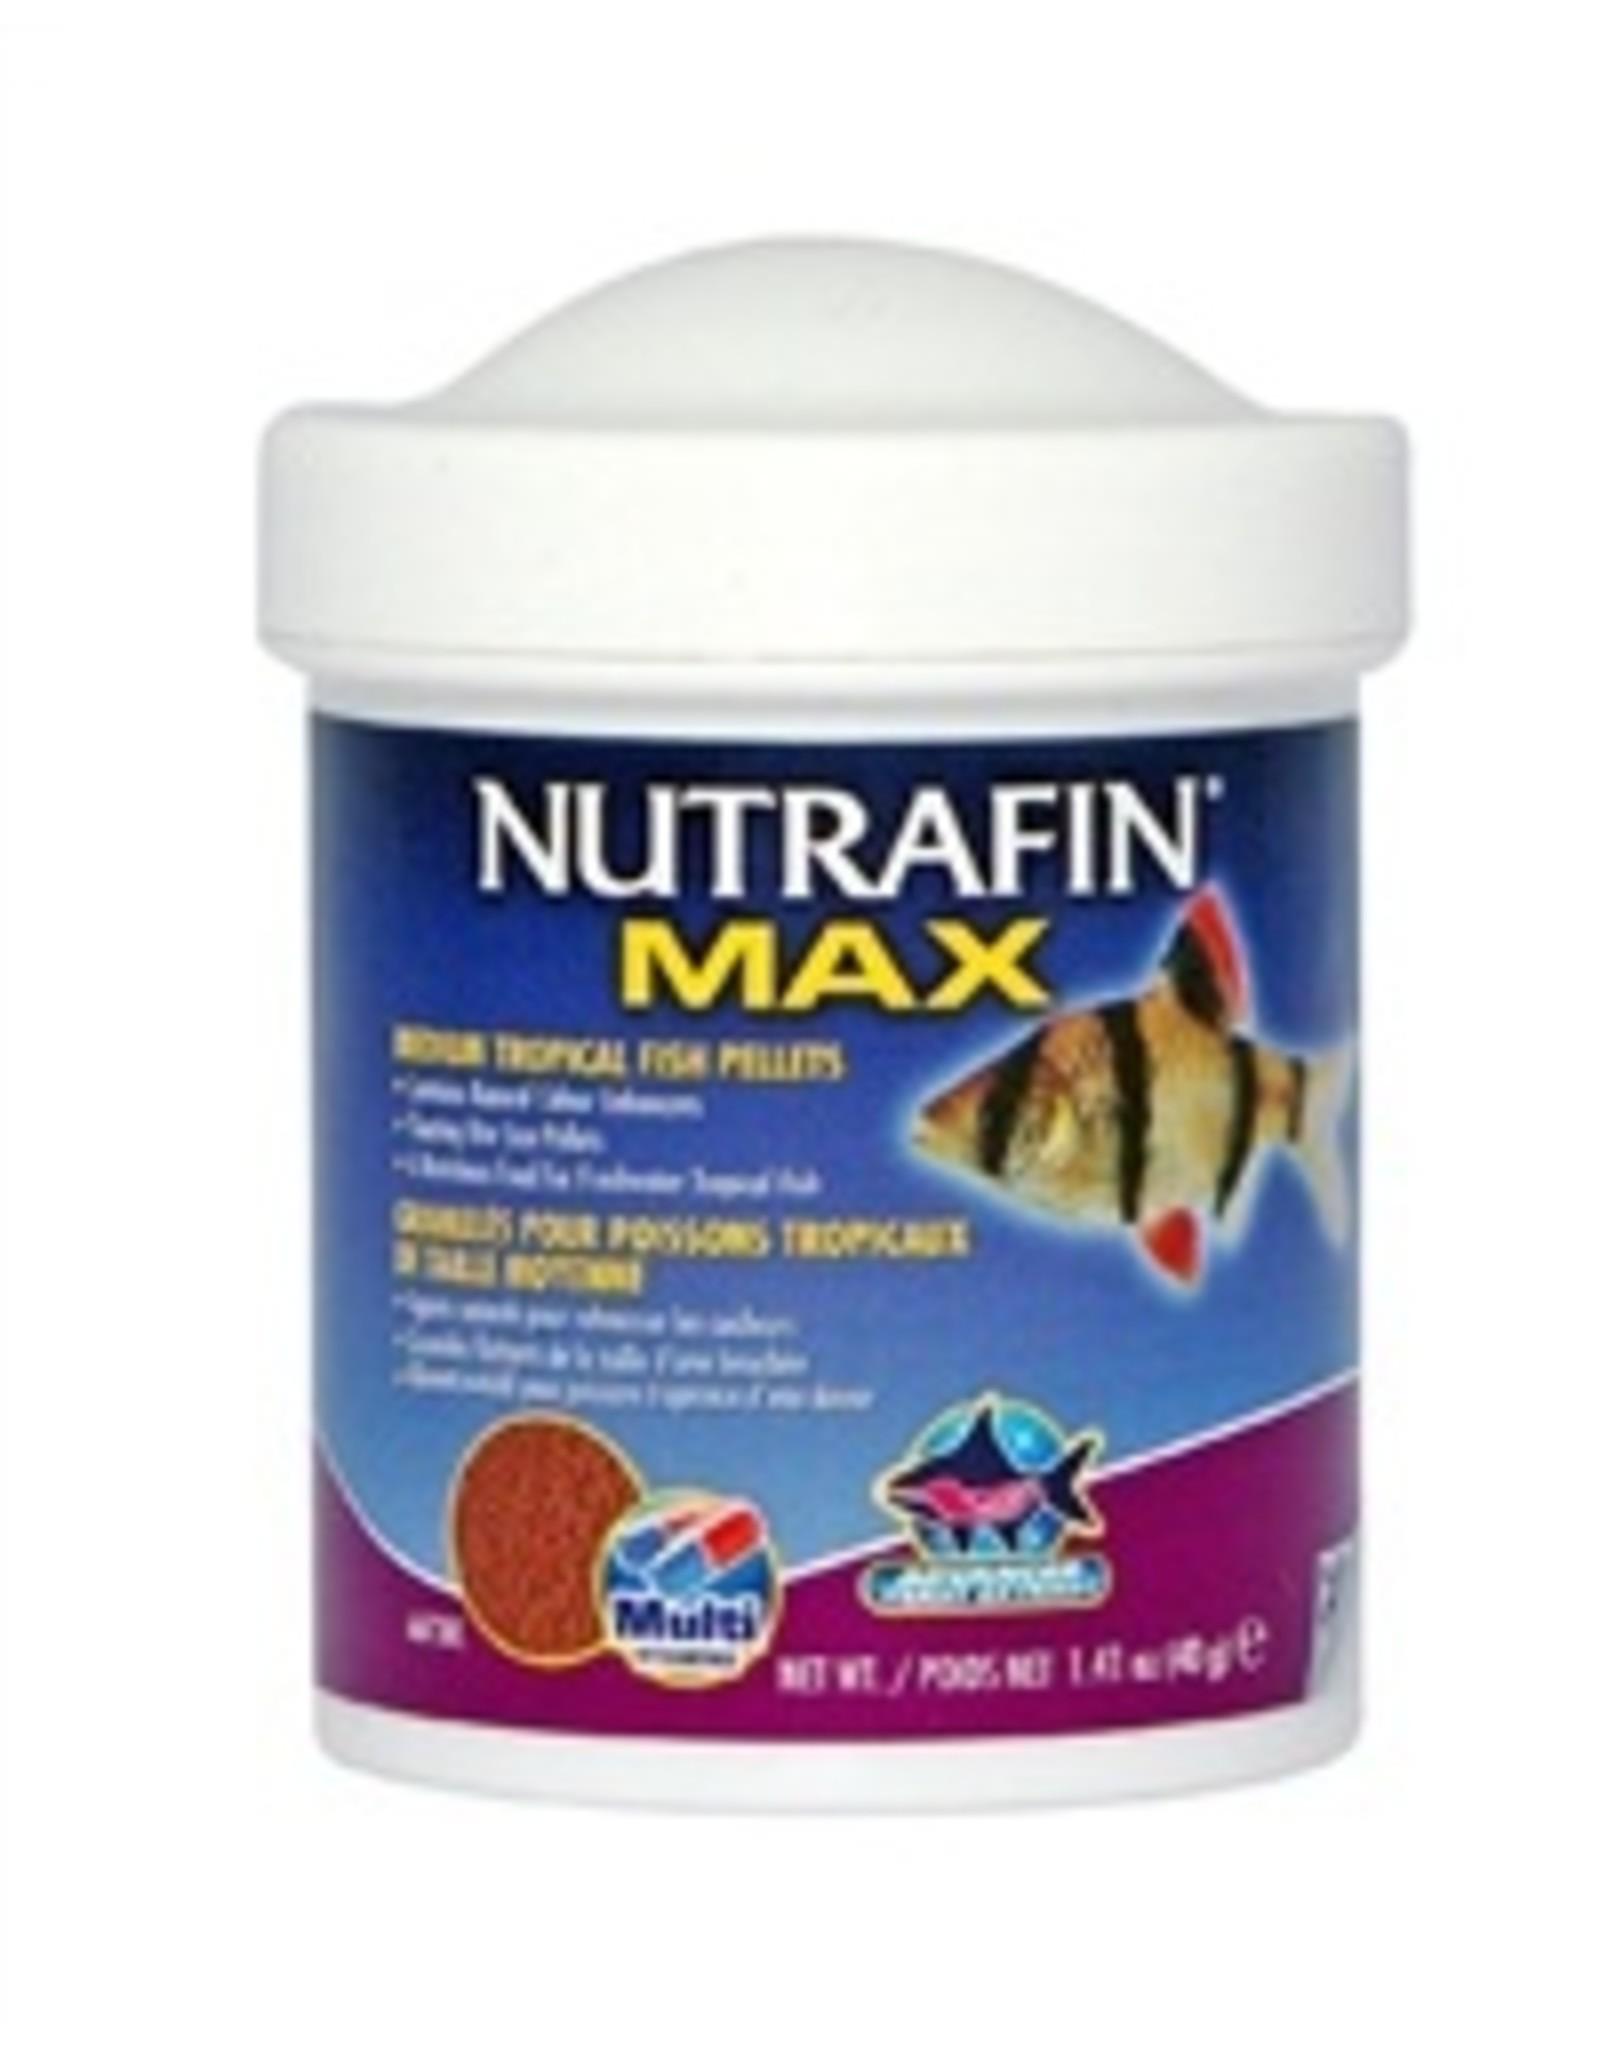 NutraFin NUTRAFIN Max Tropical Fish Pellets Medium